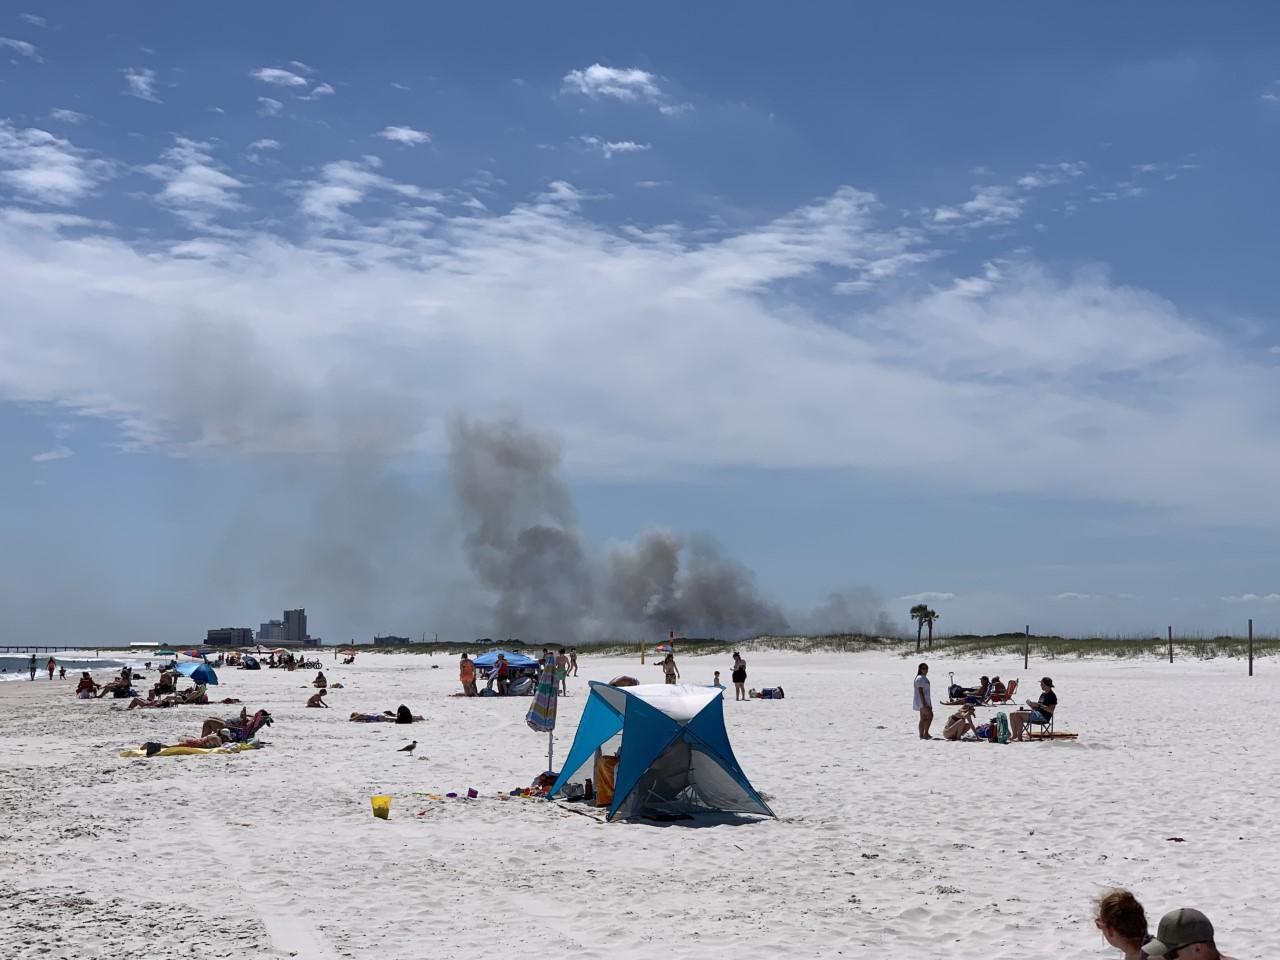 gs fire from beach_1557863672081.jpg-842137442.jpg